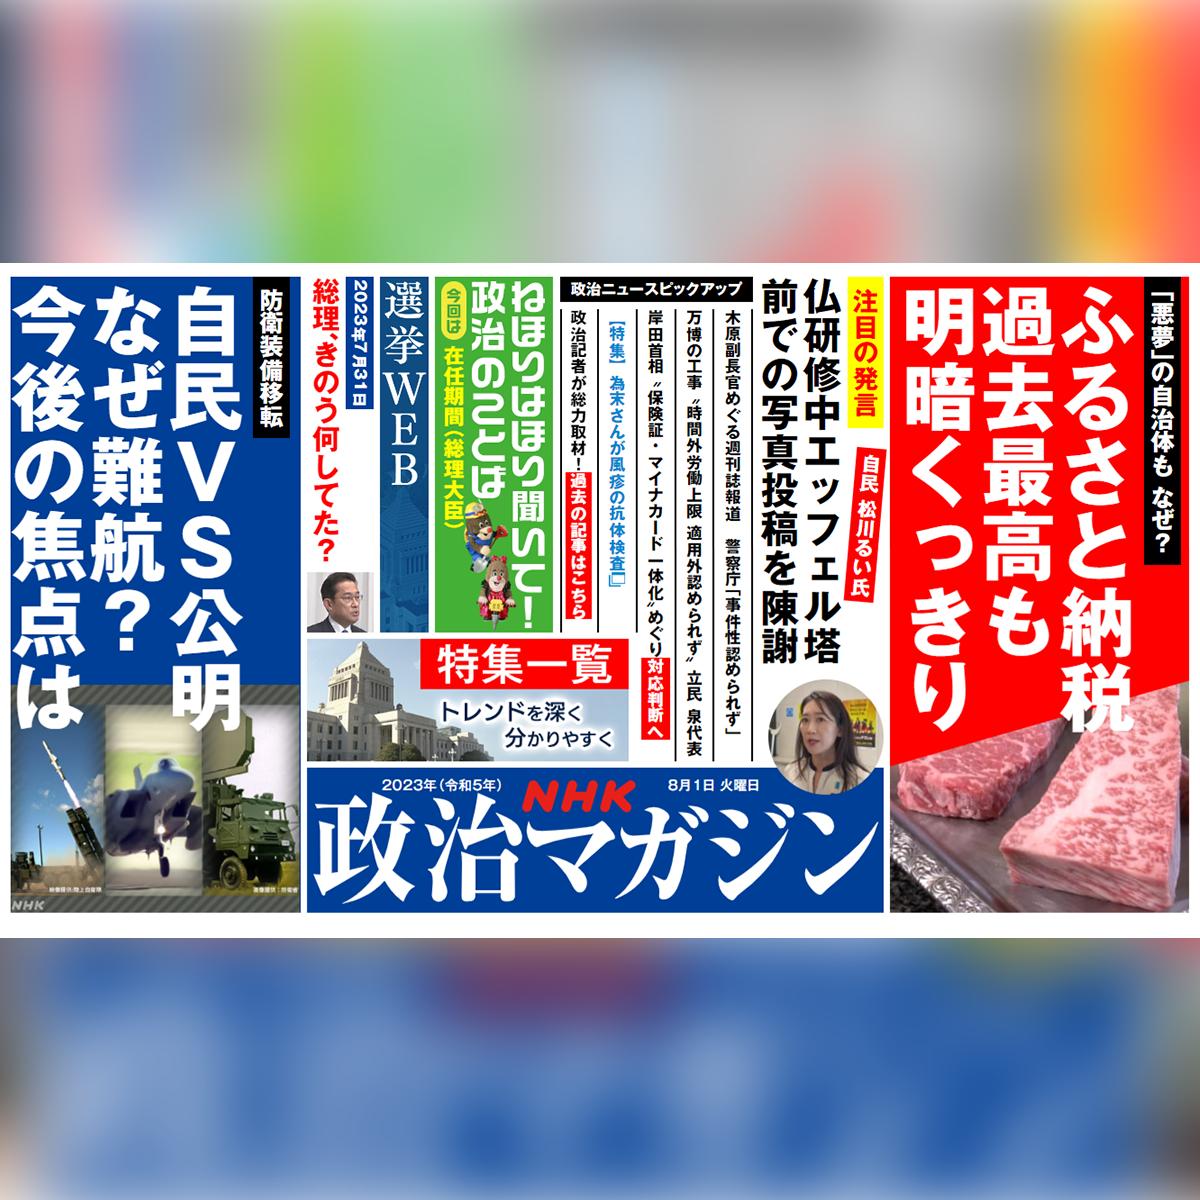 NHK政治マガジン